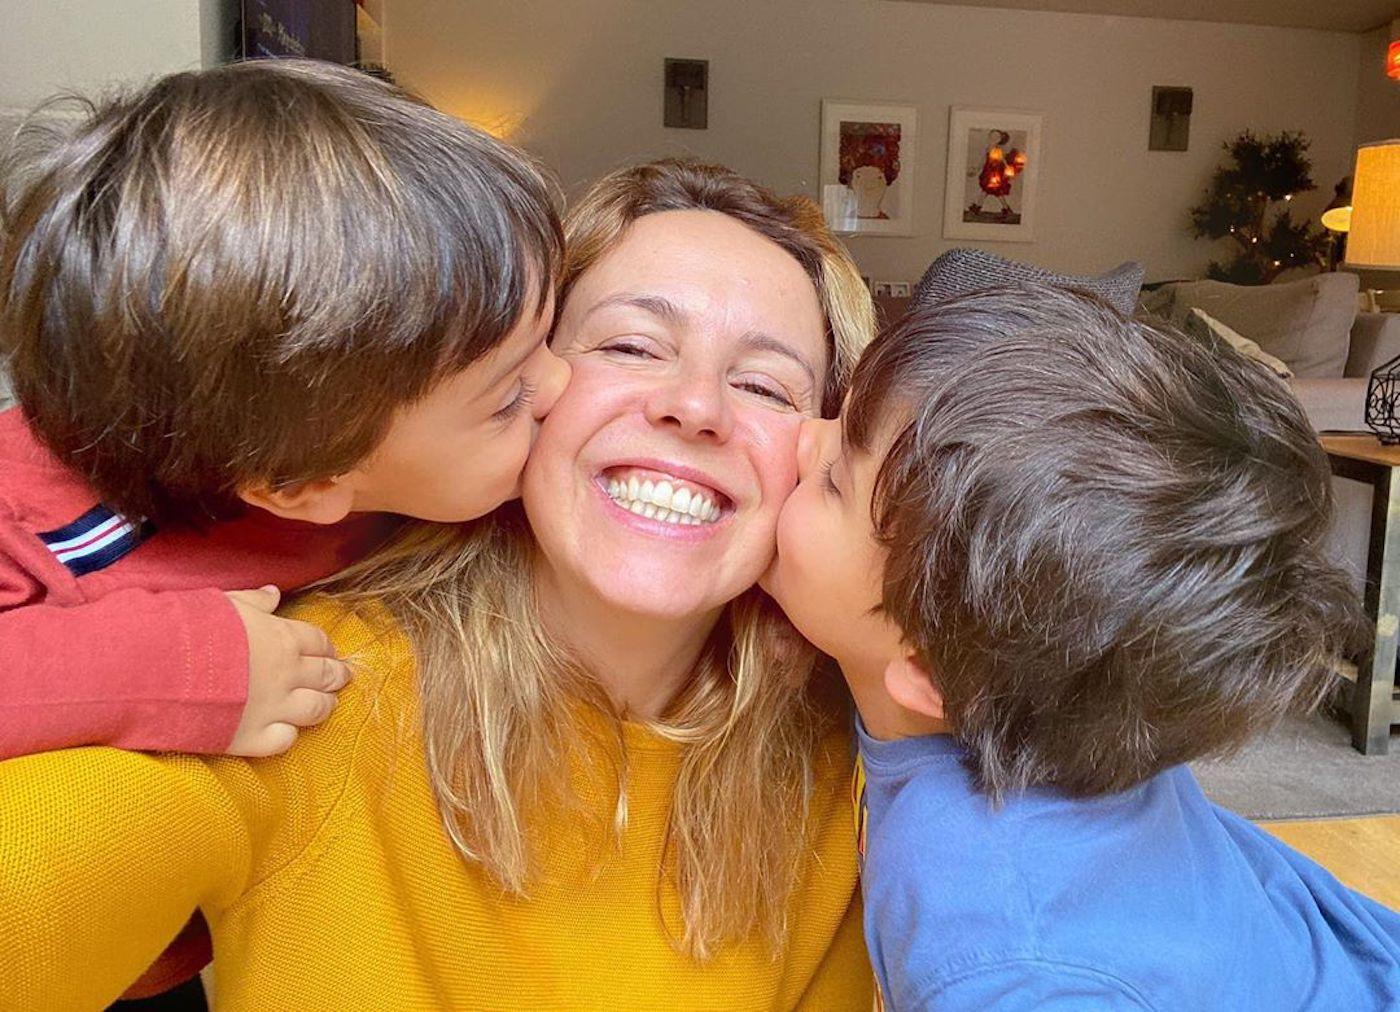 Tania Ribas De Oliveira Filhos Tânia Ribas De Oliveira Partilha Rara Fotografia Com Os Dois Filhos